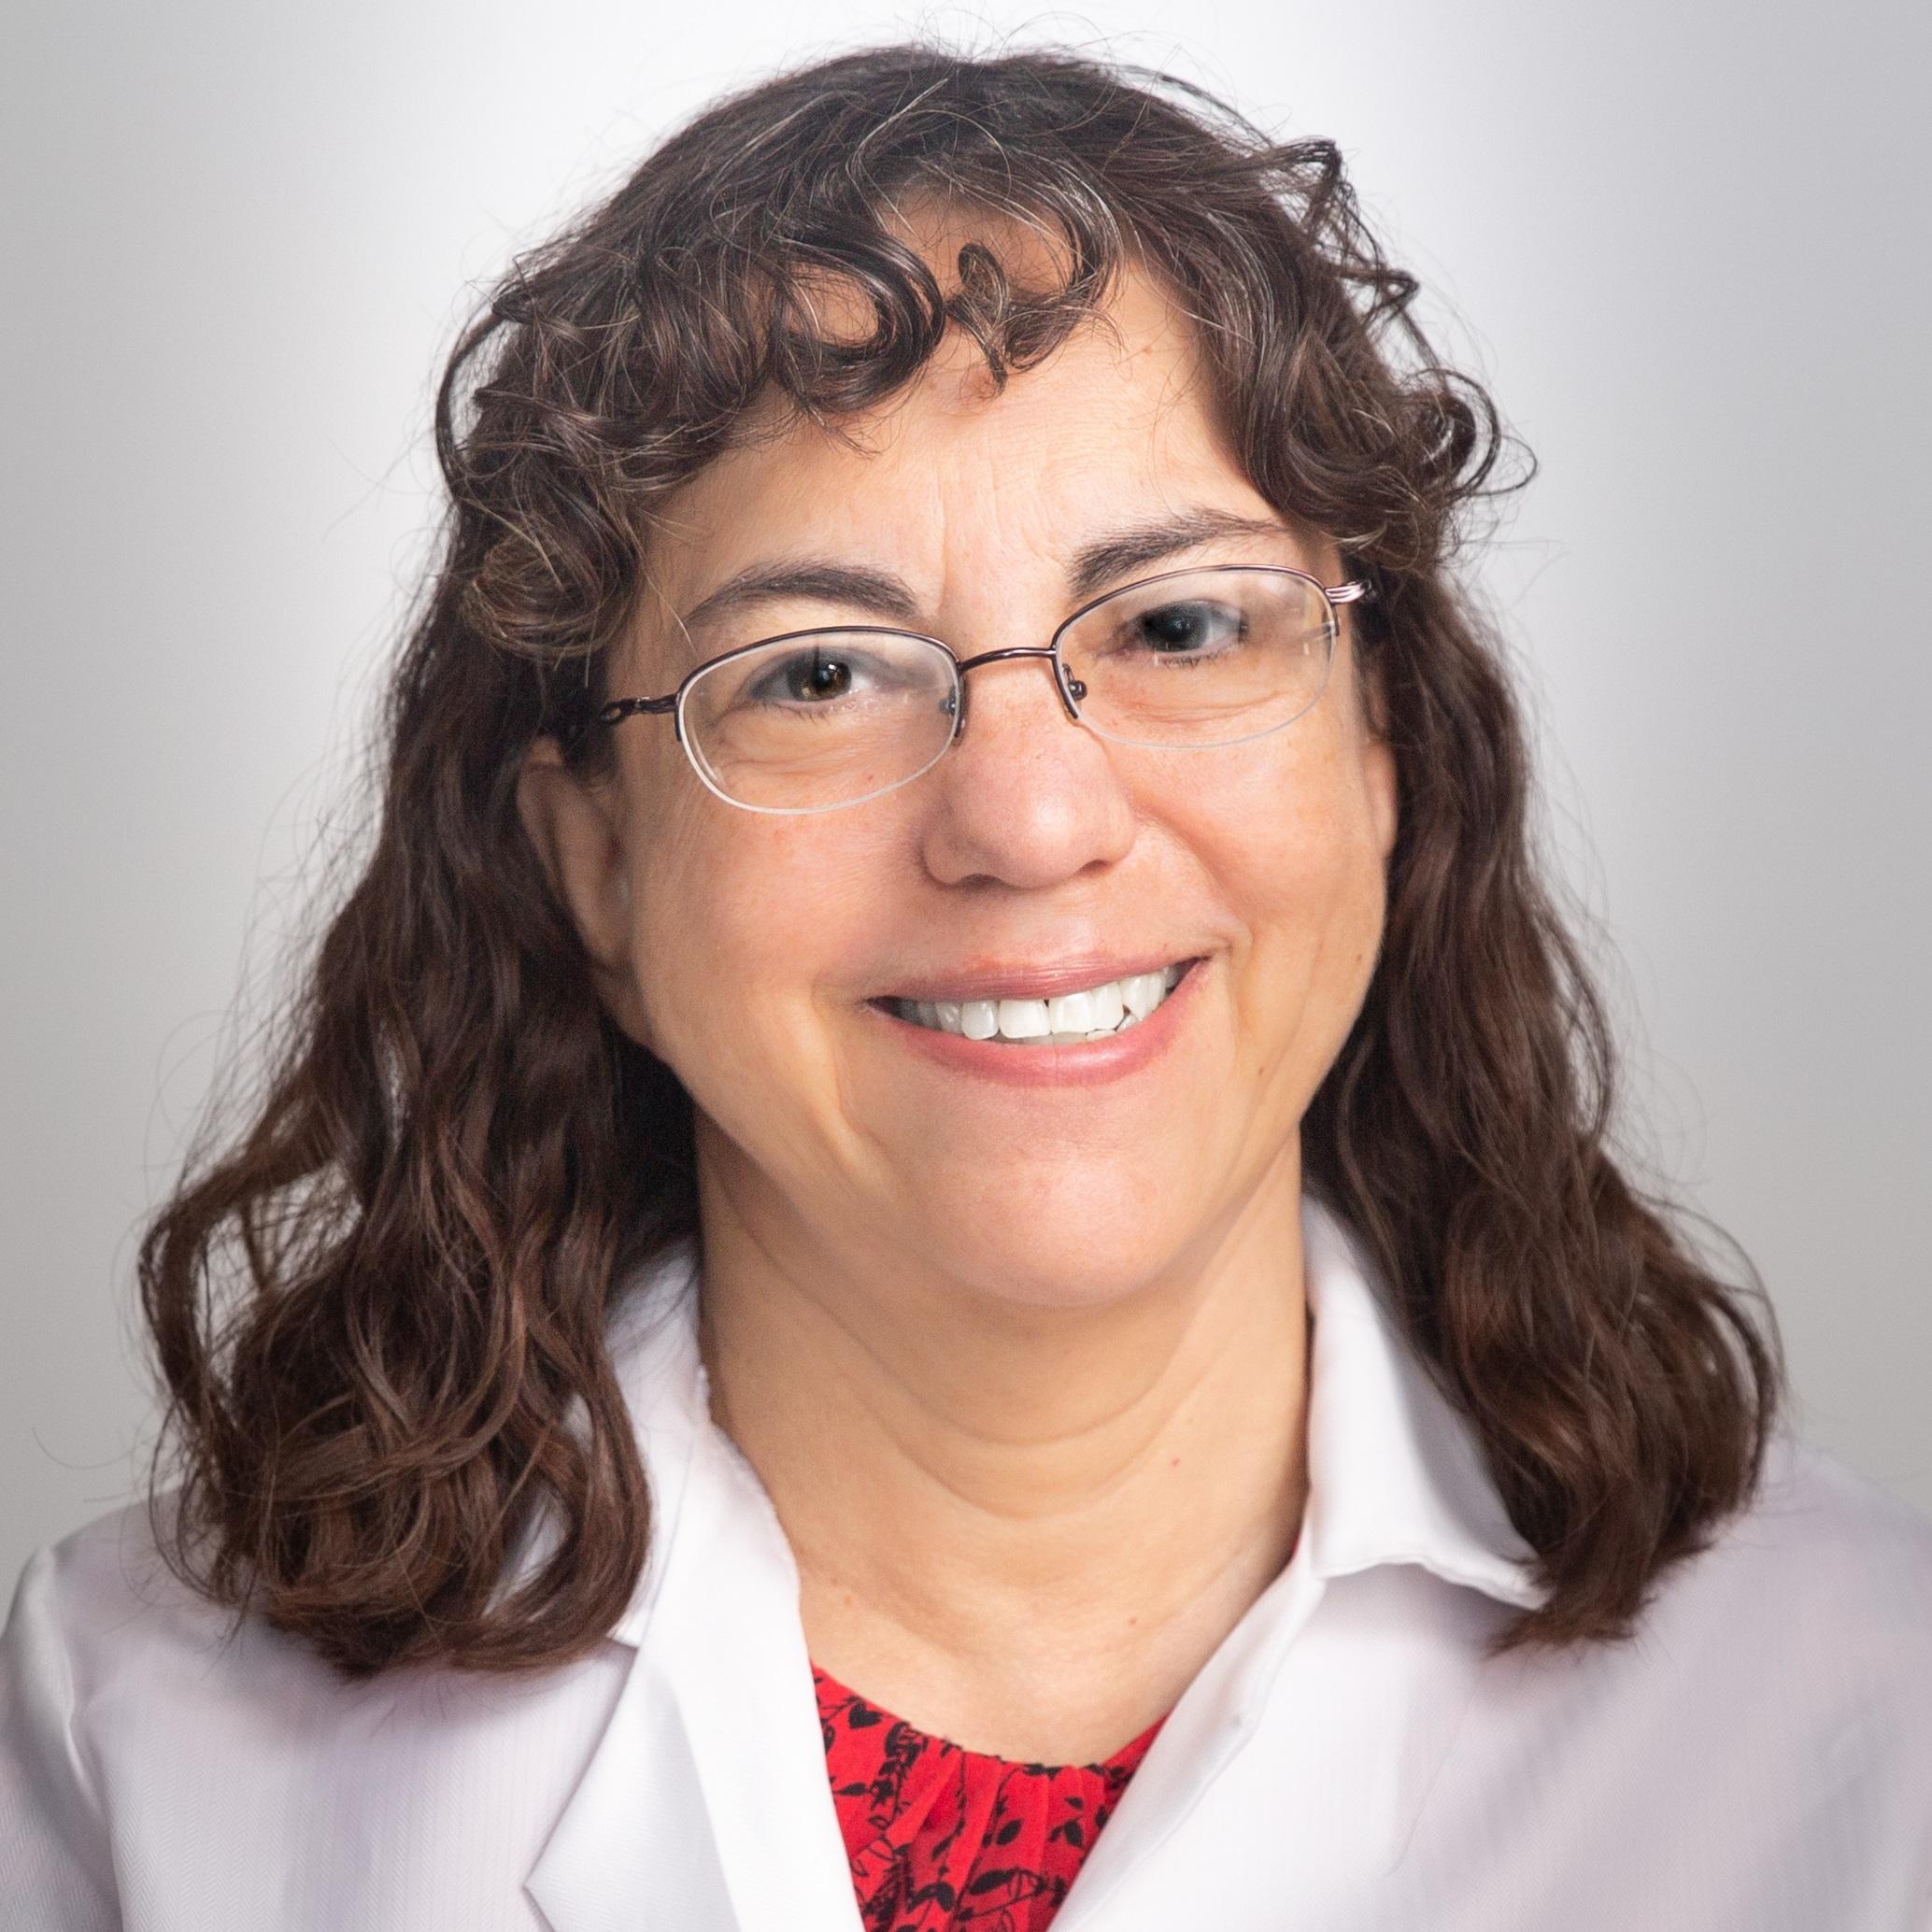 Nora Perrone-Bizzozero, doctora